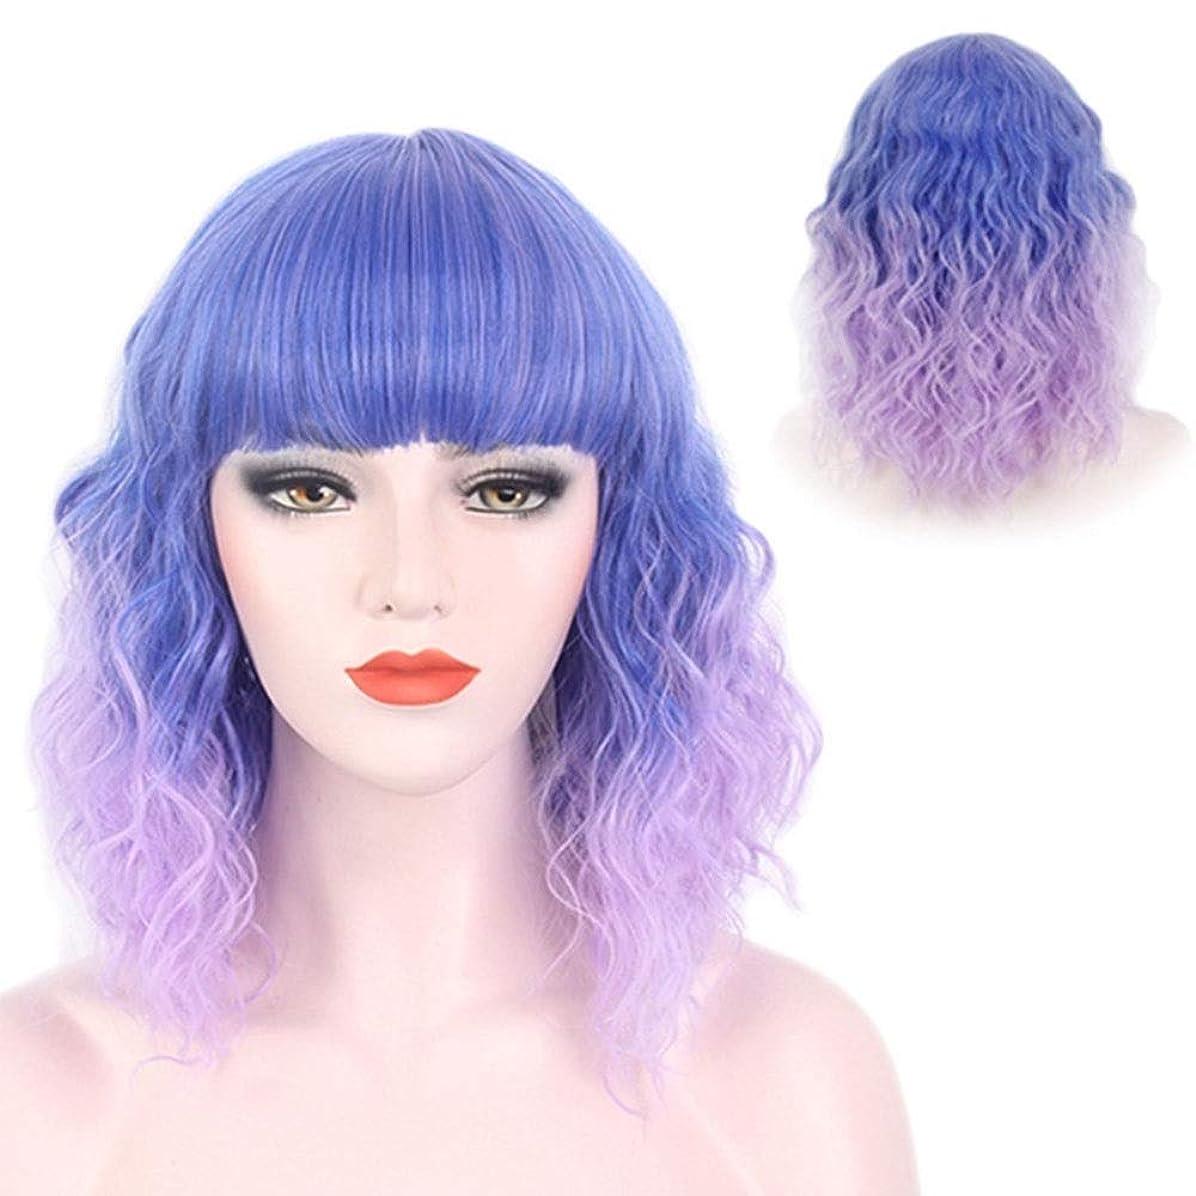 住人売り手抵抗するYrattary 女性のための前髪付き青のグラデーションパープルショートカーリーヘアウィッグCoaplayパーティードレスコンポジットヘアレースウィッグロールプレイングかつら (色 : Photo Color)